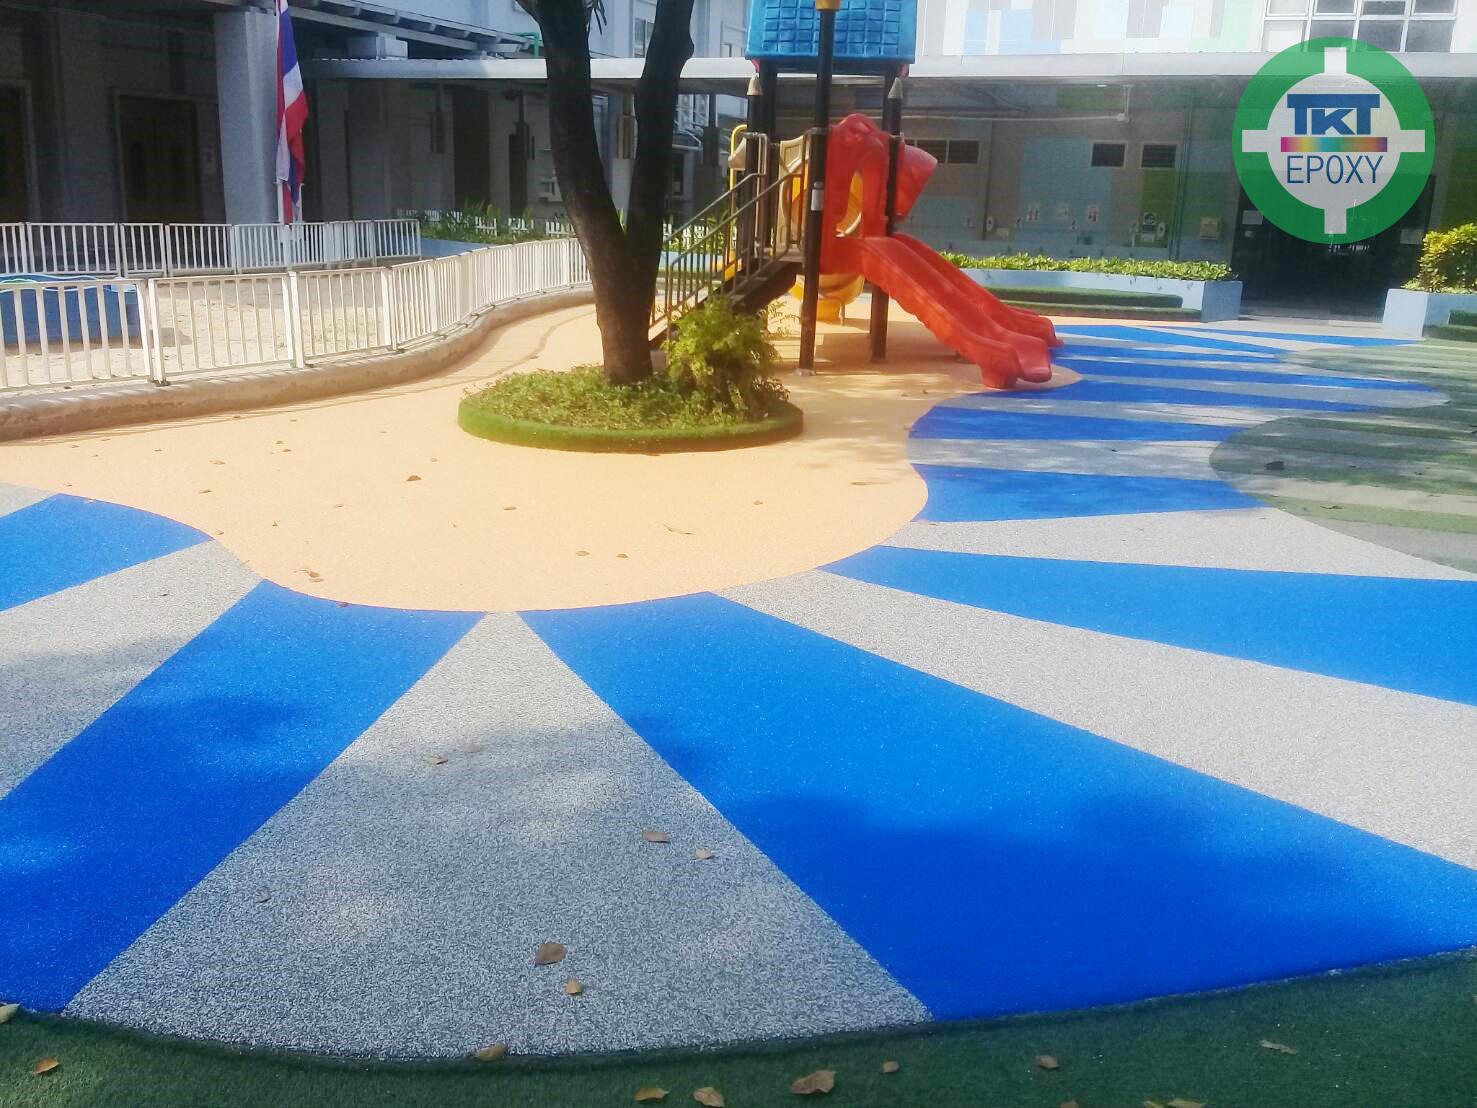 สนามเด็กเล่น โรงเรียนนานาชาติเซนต์สตีเฟ่นส์ (กรุงเทพฯ)